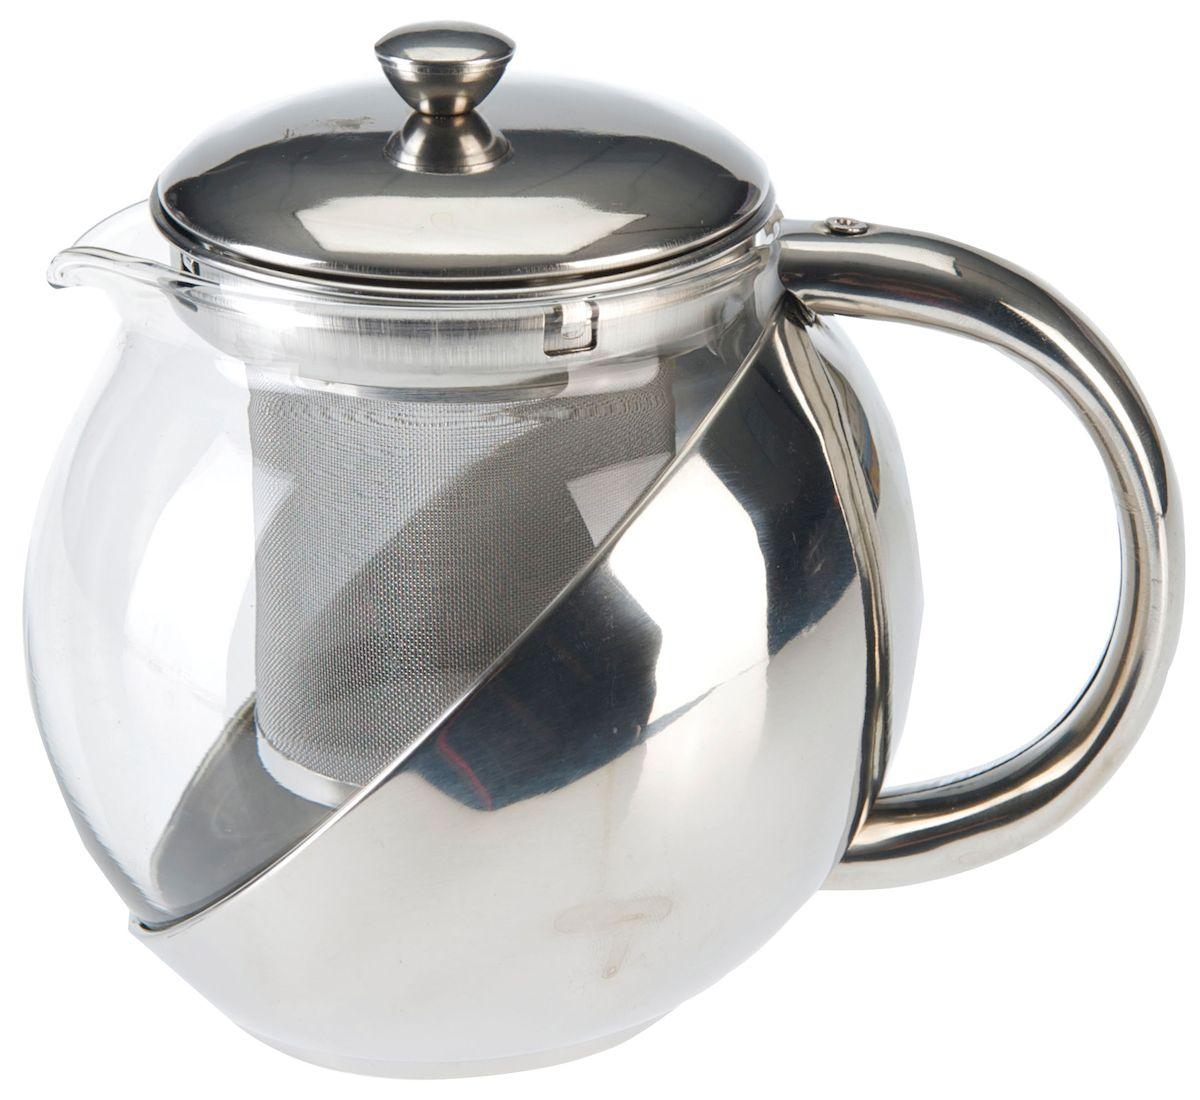 Чайник заварочный Axentia, с фильтром, 1,2 л223514Заварочный чайник Axentia, изготовленный из термостойкого стекла,предоставит вам все необходимые возможности для успешного заваривания чая.Чай в таком чайнике дольше остается горячим, а полезные и ароматическиевещества полностью сохраняются в напитке. Чайник оснащен фильтром, выполненном из нержавеющей стали. Простой и удобный чайник поможет вам приготовить крепкий, ароматный чай.Нельзя мыть в посудомоечной машине. Не использовать в микроволновой печи.Диаметр чайника (по верхнему краю): 13 см.Высота чайника (без учета крышки): 15,5 см.